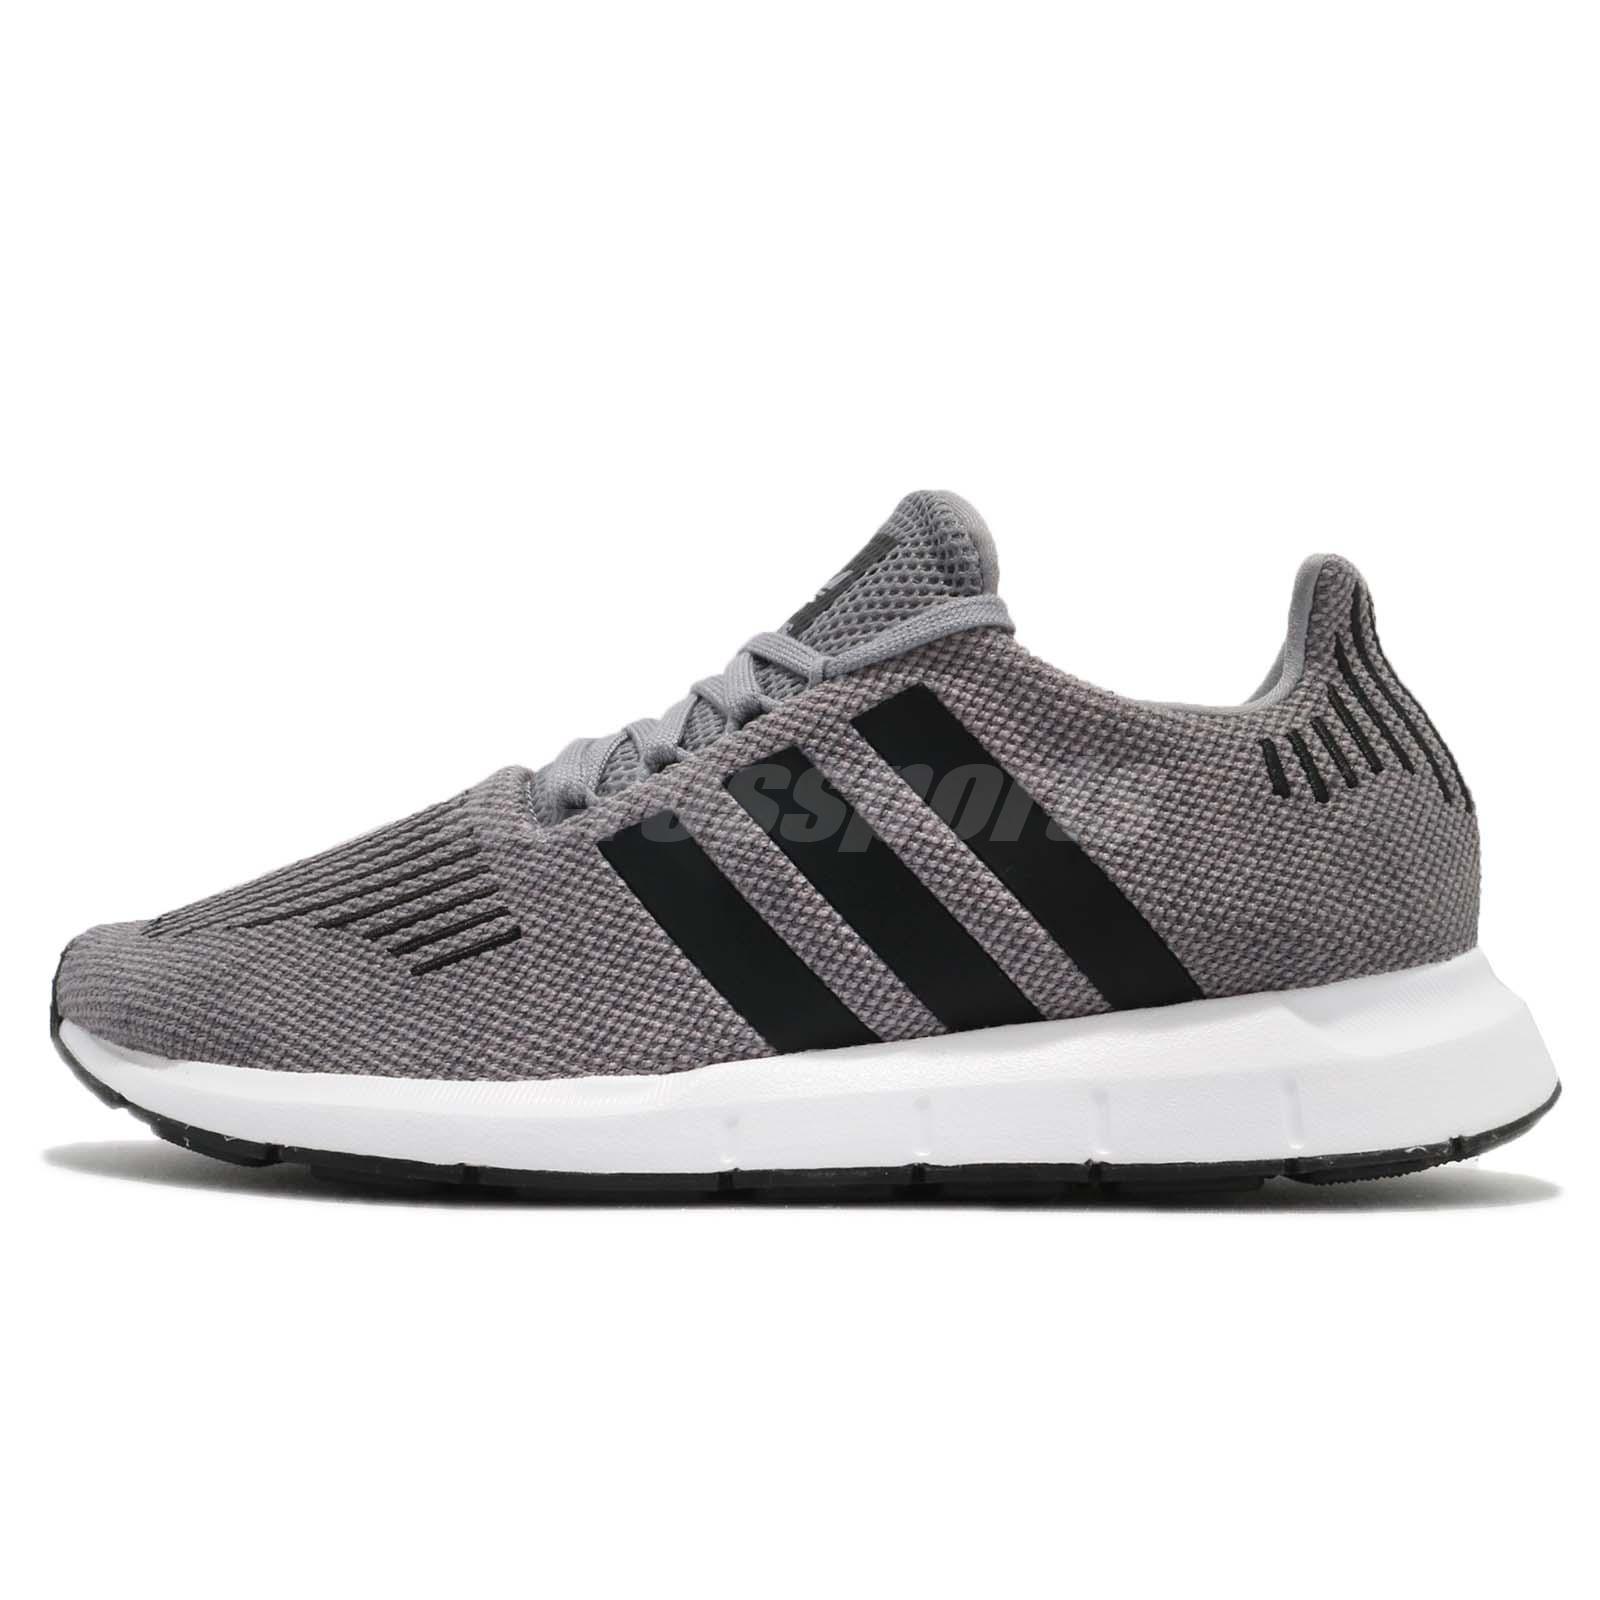 ADIDAS Originals Swift Run Scarpe Sneaker Uomo cq2115 GRIGIO